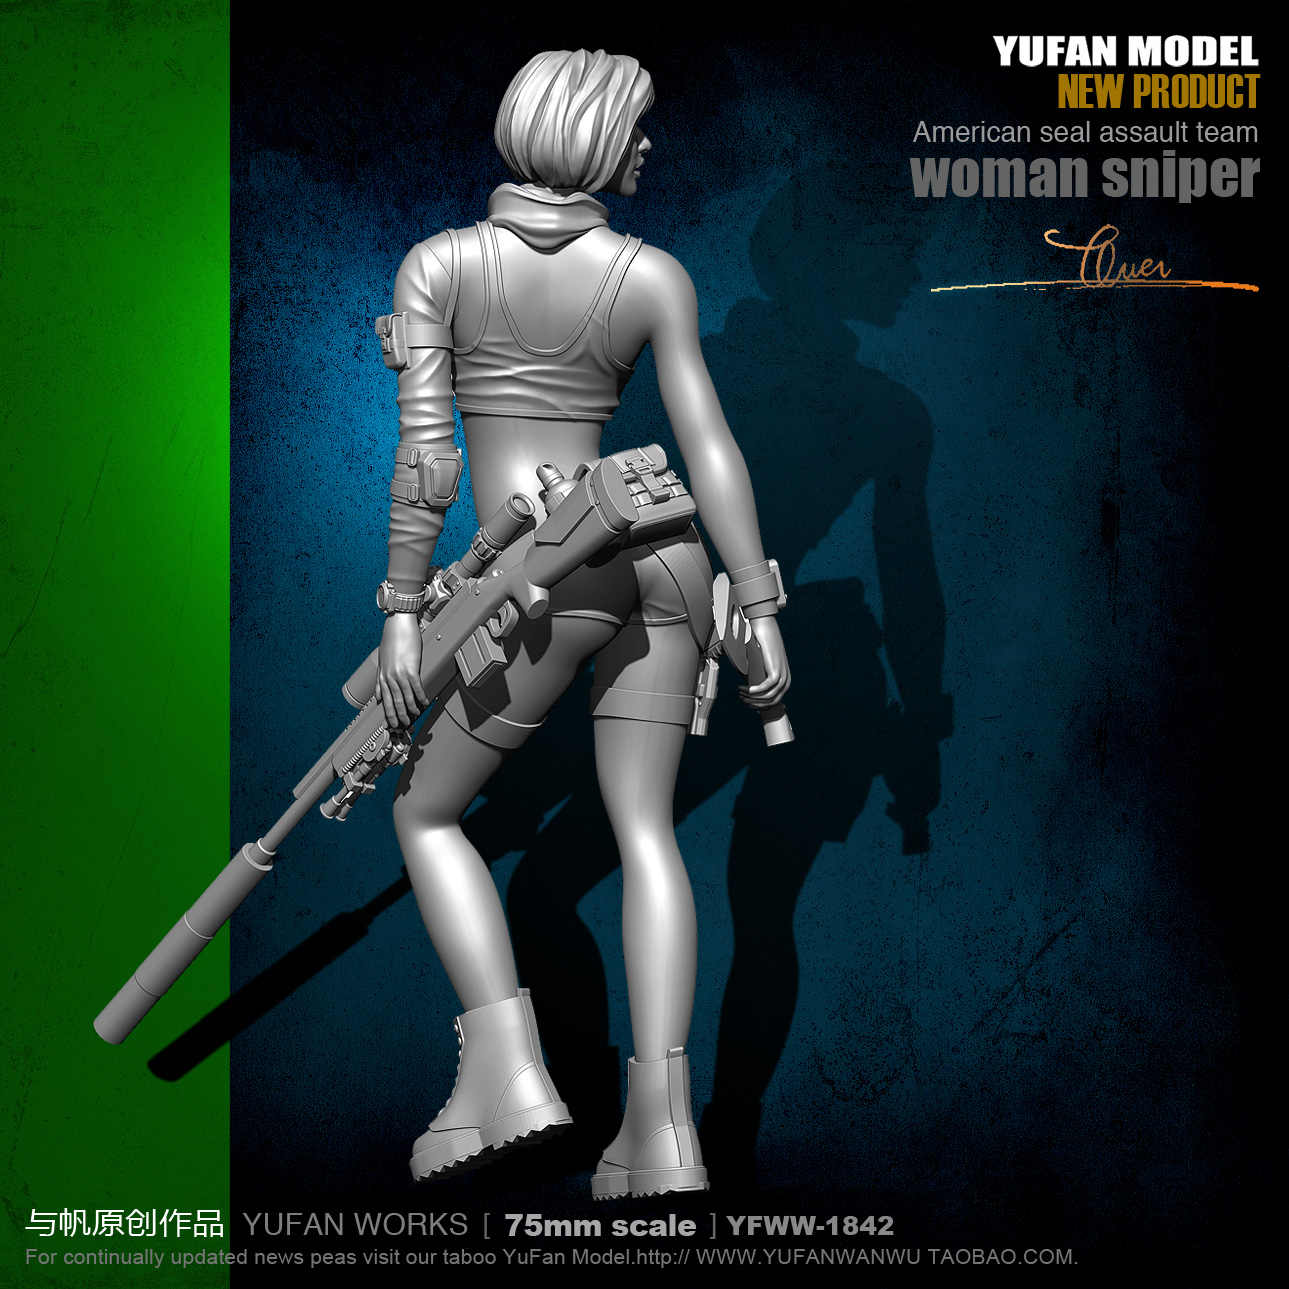 Modelo de soldado Yufan Mode 1/24, Kit de francotirador Sexy femenino de figuras de resina 75mm, Yfww-1842 incoloro y autoensamblado